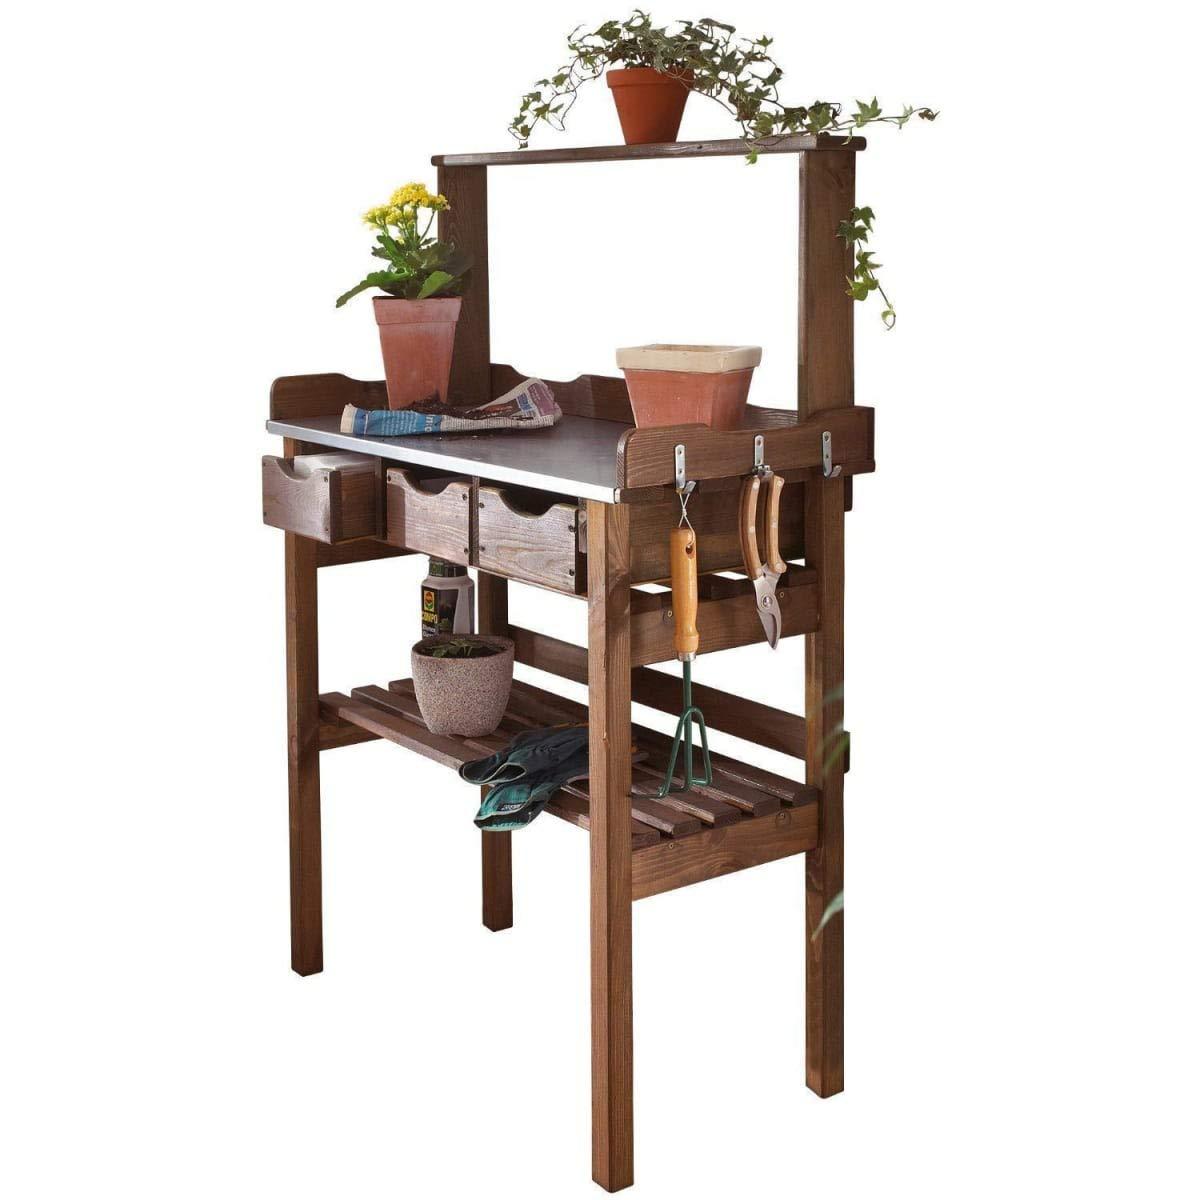 Pflanztisch für Garten Terrasse Balkon 3 Schubladen 3 Haken Holz verzinkte Metall-Arbeitsfläche braun ca. 78 x 38 x 112 cm PureDay